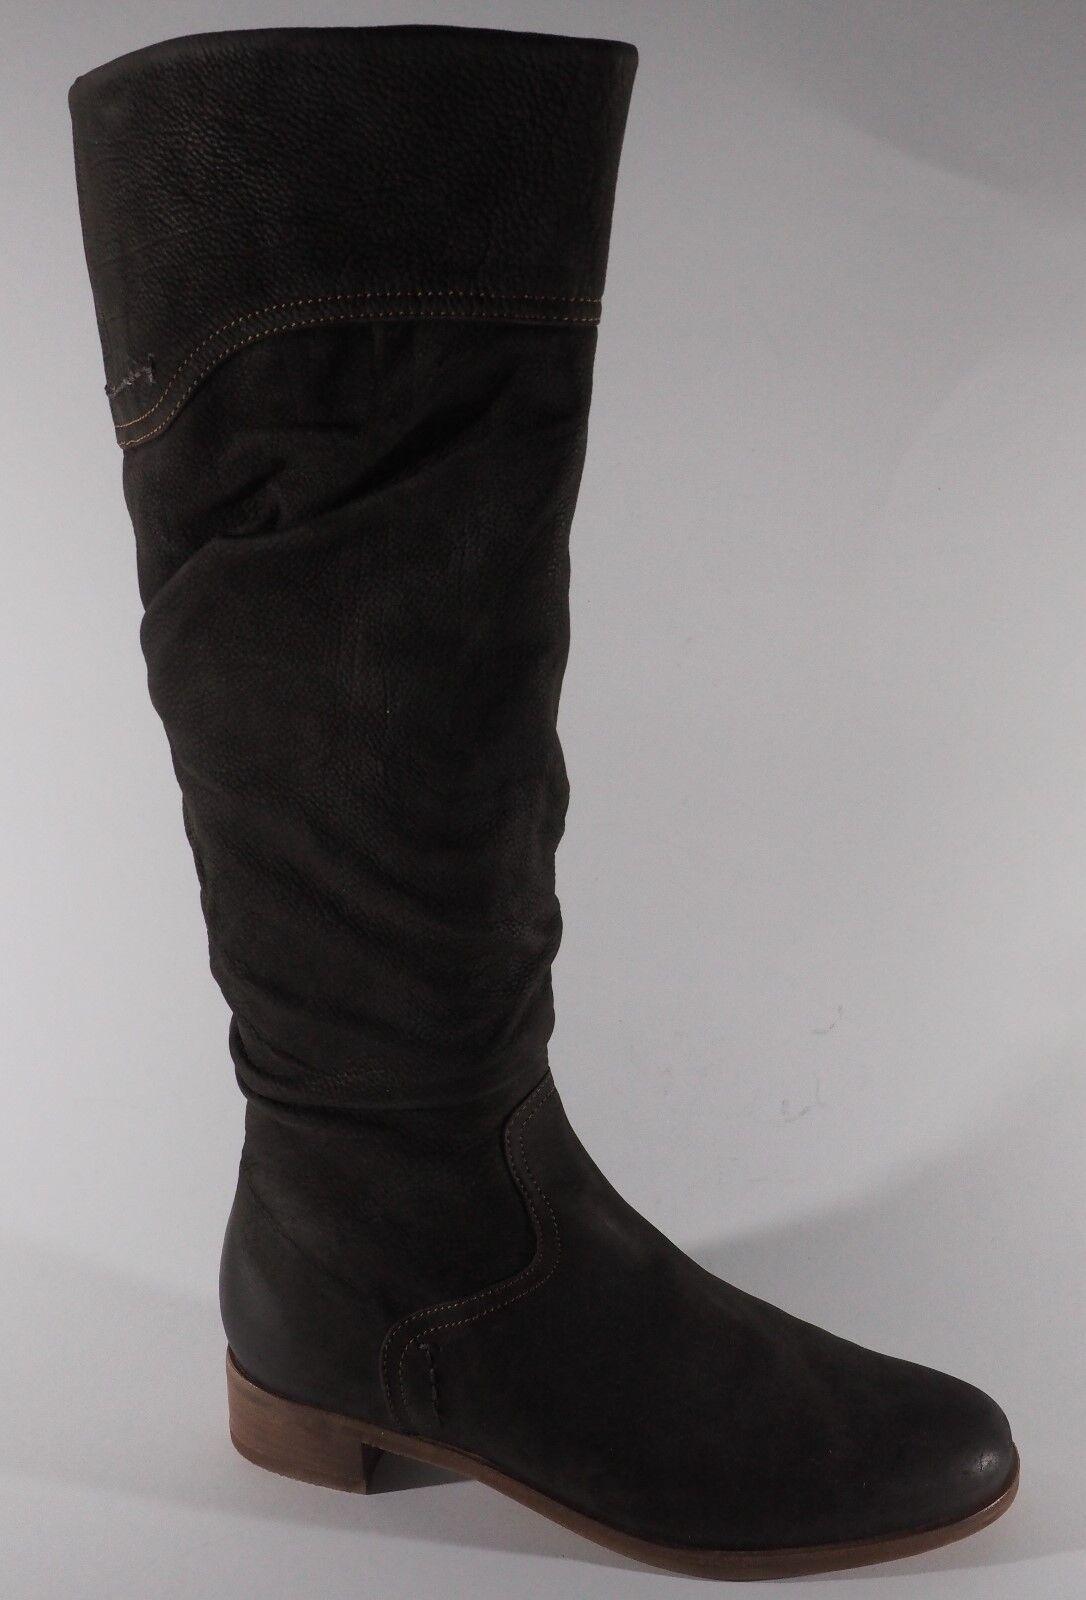 Hassia Zapatos señora unpaar 39 38,5 lotes depósitos botas de cuero marrón NUEVO